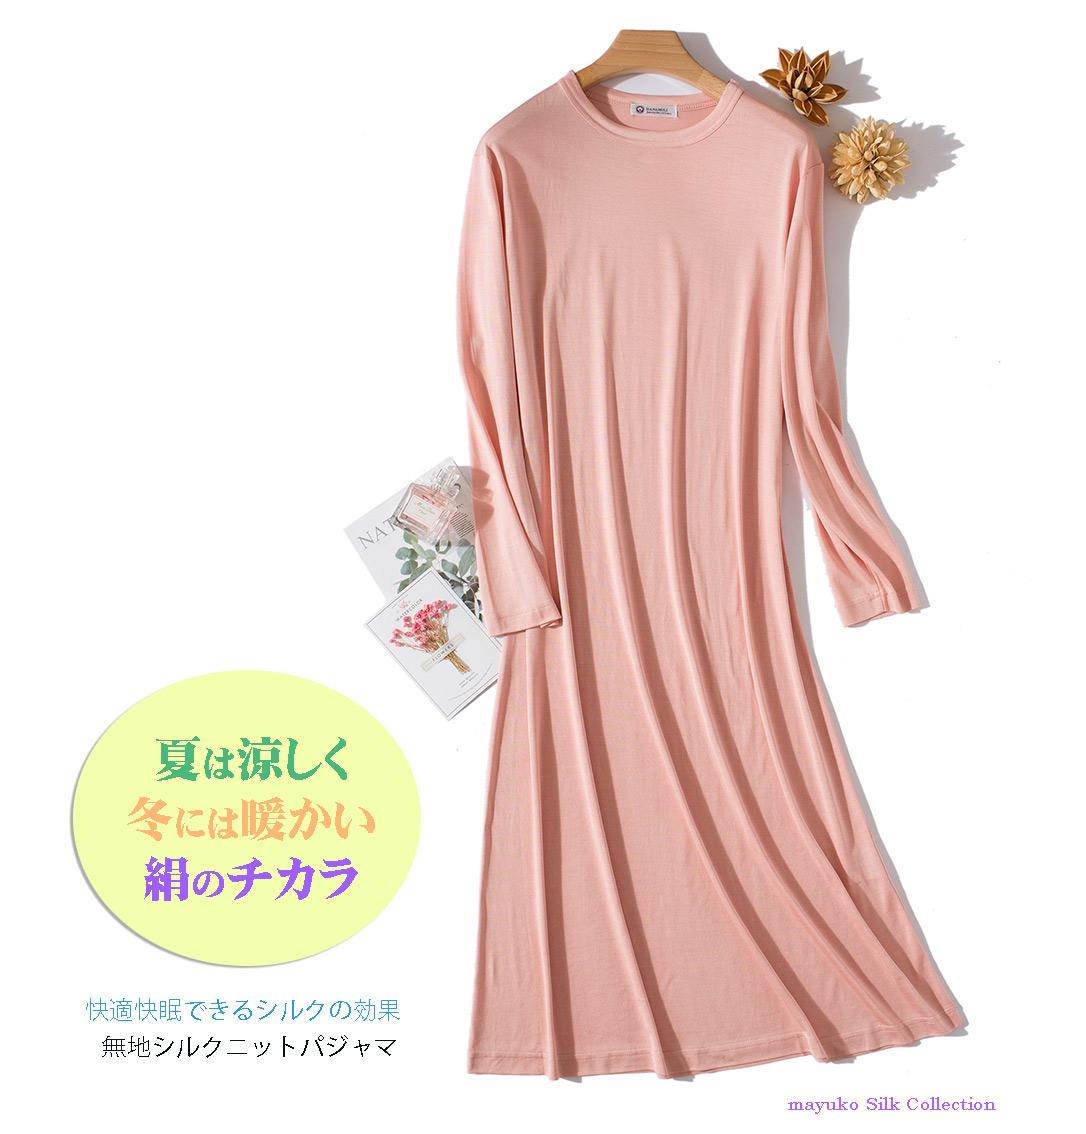 華やかなプリントと落ち着いた無地をご用意シルクの効果で快適な睡眠を。上質厚手のシルクニット。ゴムの取り換え口にはタグが付いています。 気持ち良く熟睡できる婦人シルクニットパジャマ風合い柔らかな健康シルク長袖ワンピースパジャマ【M~Lフリーサイズ】ゆったりめ/肌触りしなやかでオールシーズン対応シルク100%着こなしやすい無地ニット中国製/ギフト包装無料